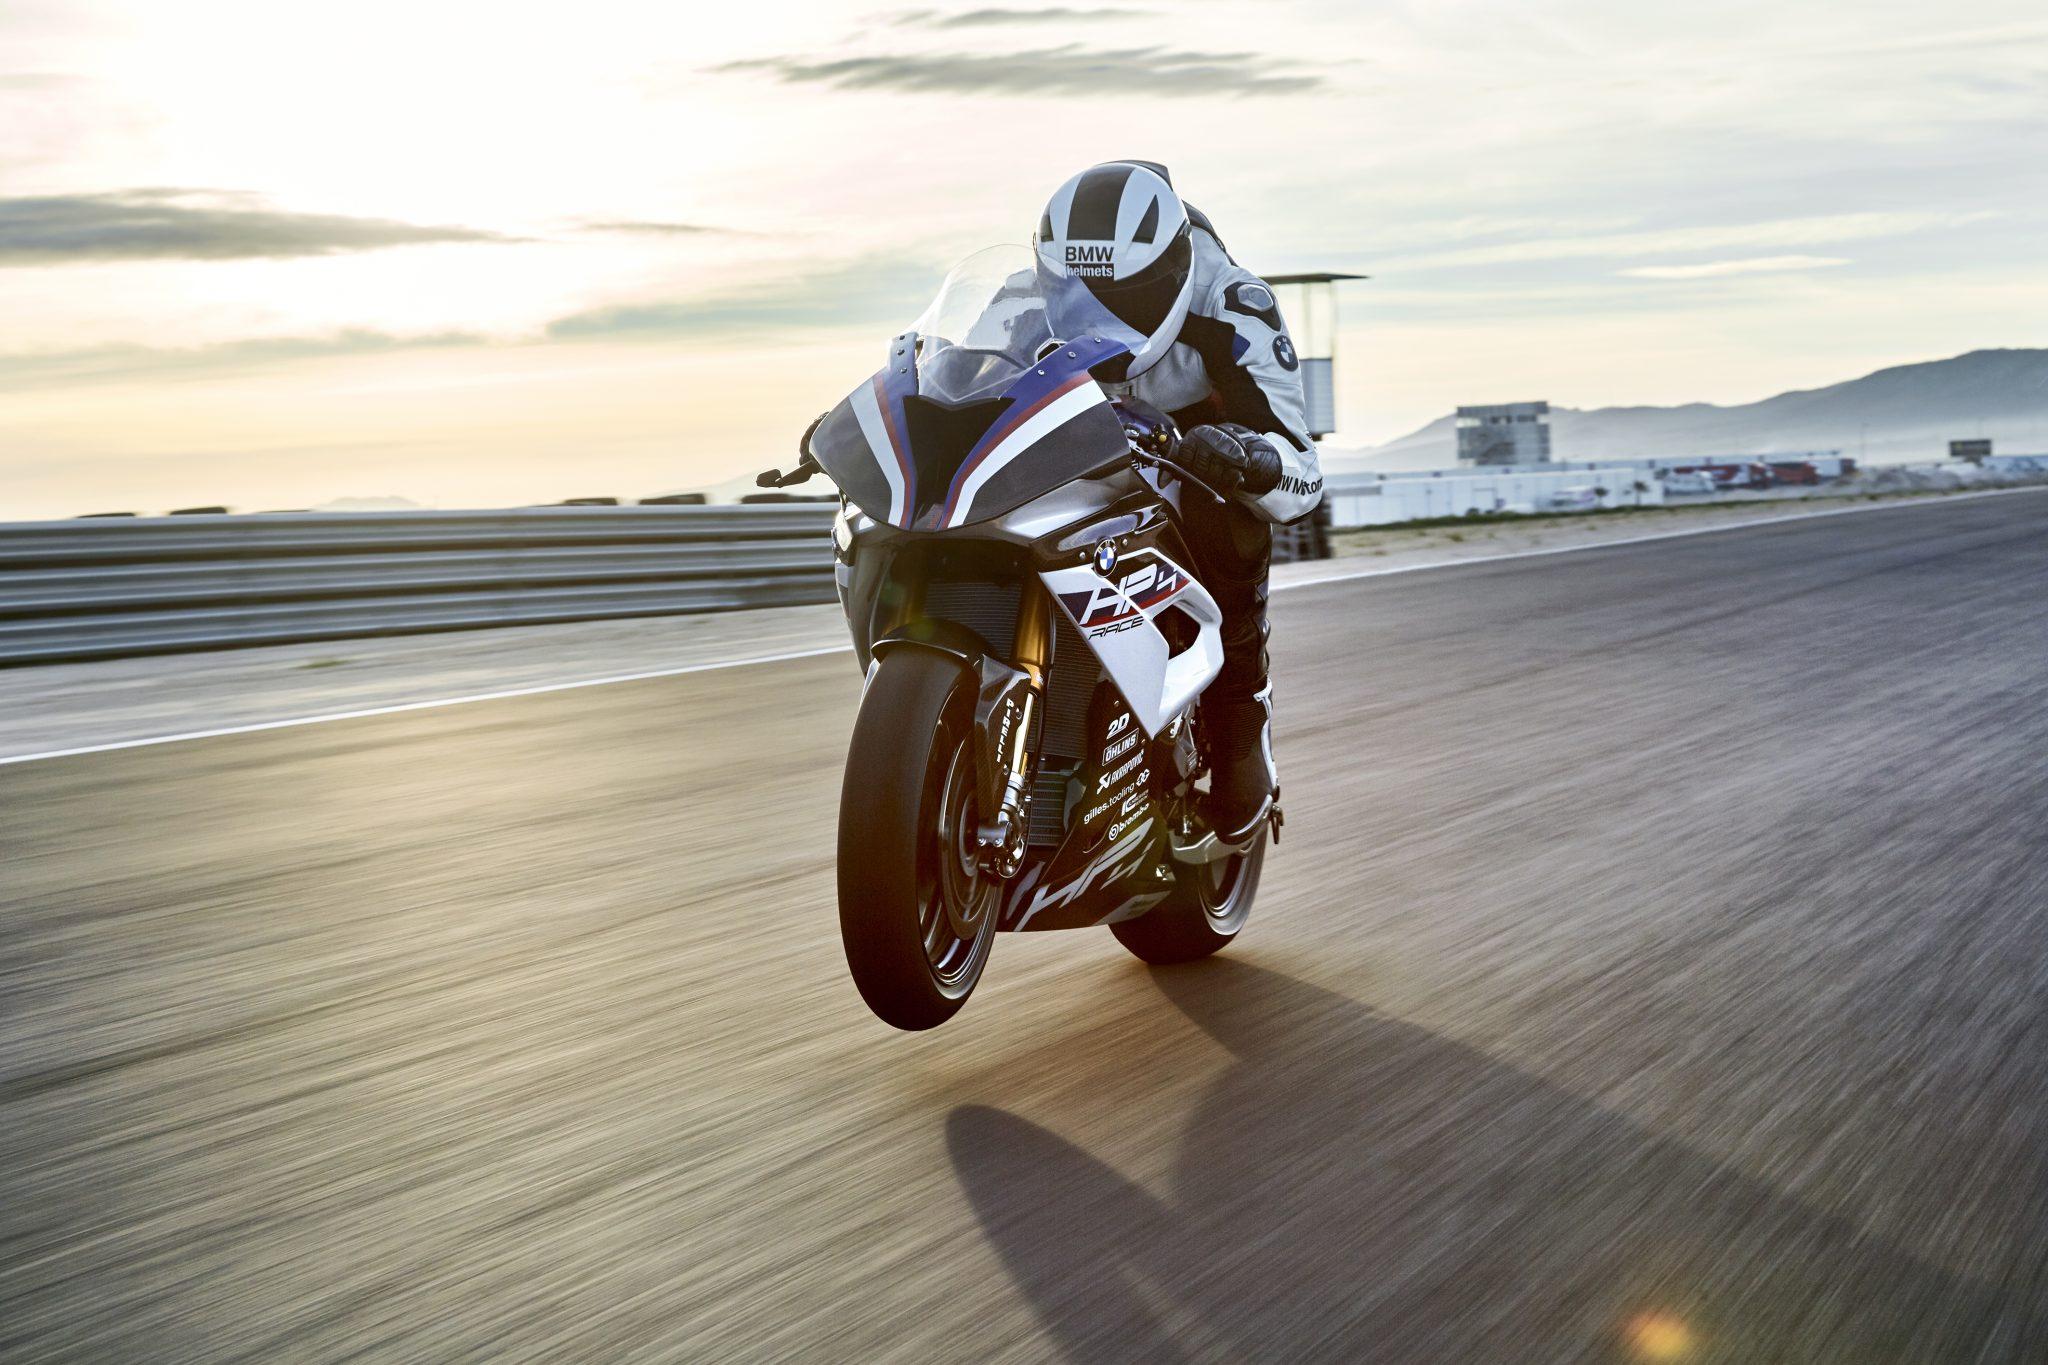 BMW Motorrad under new leadership